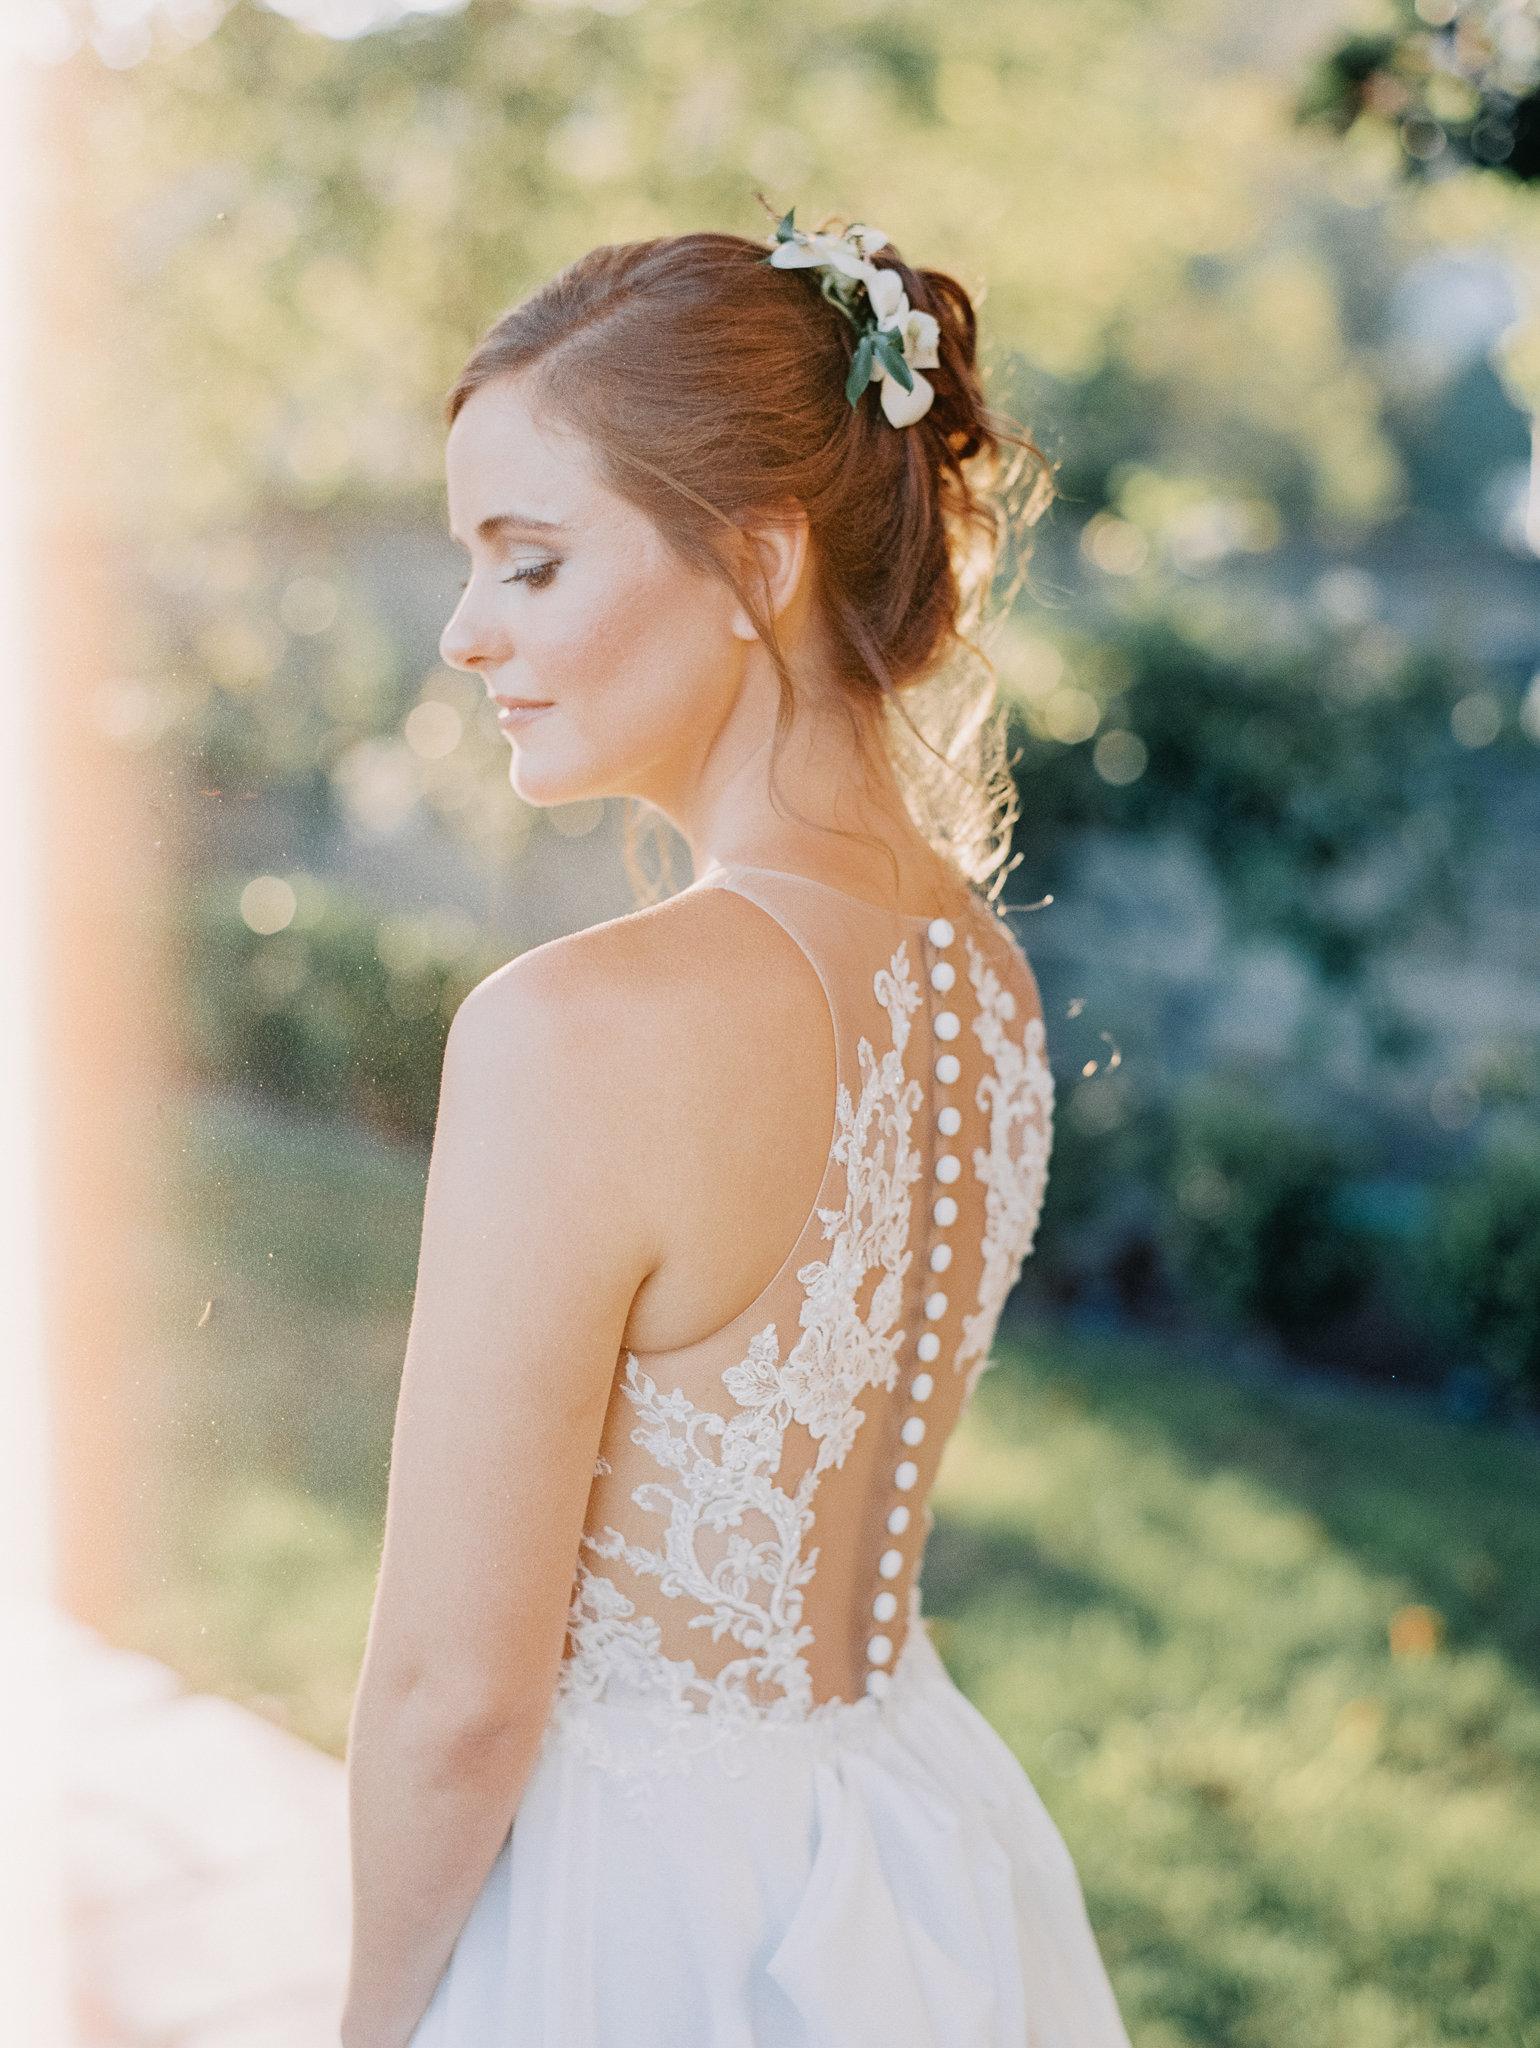 TanyaScott-Wedding-YingerFotokrafie-50.jpg